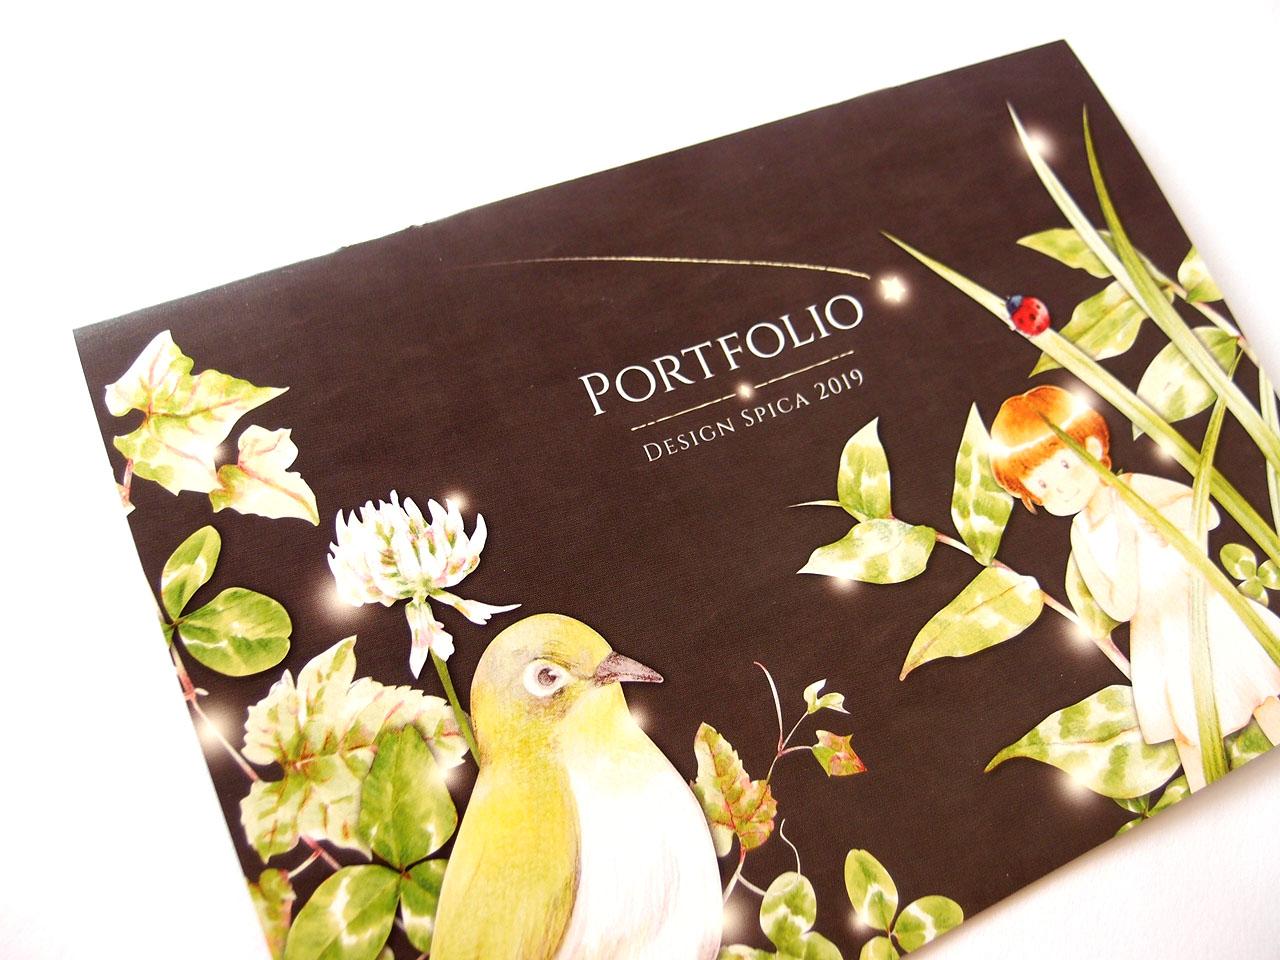 デザインスピカのポートフォリオ表紙